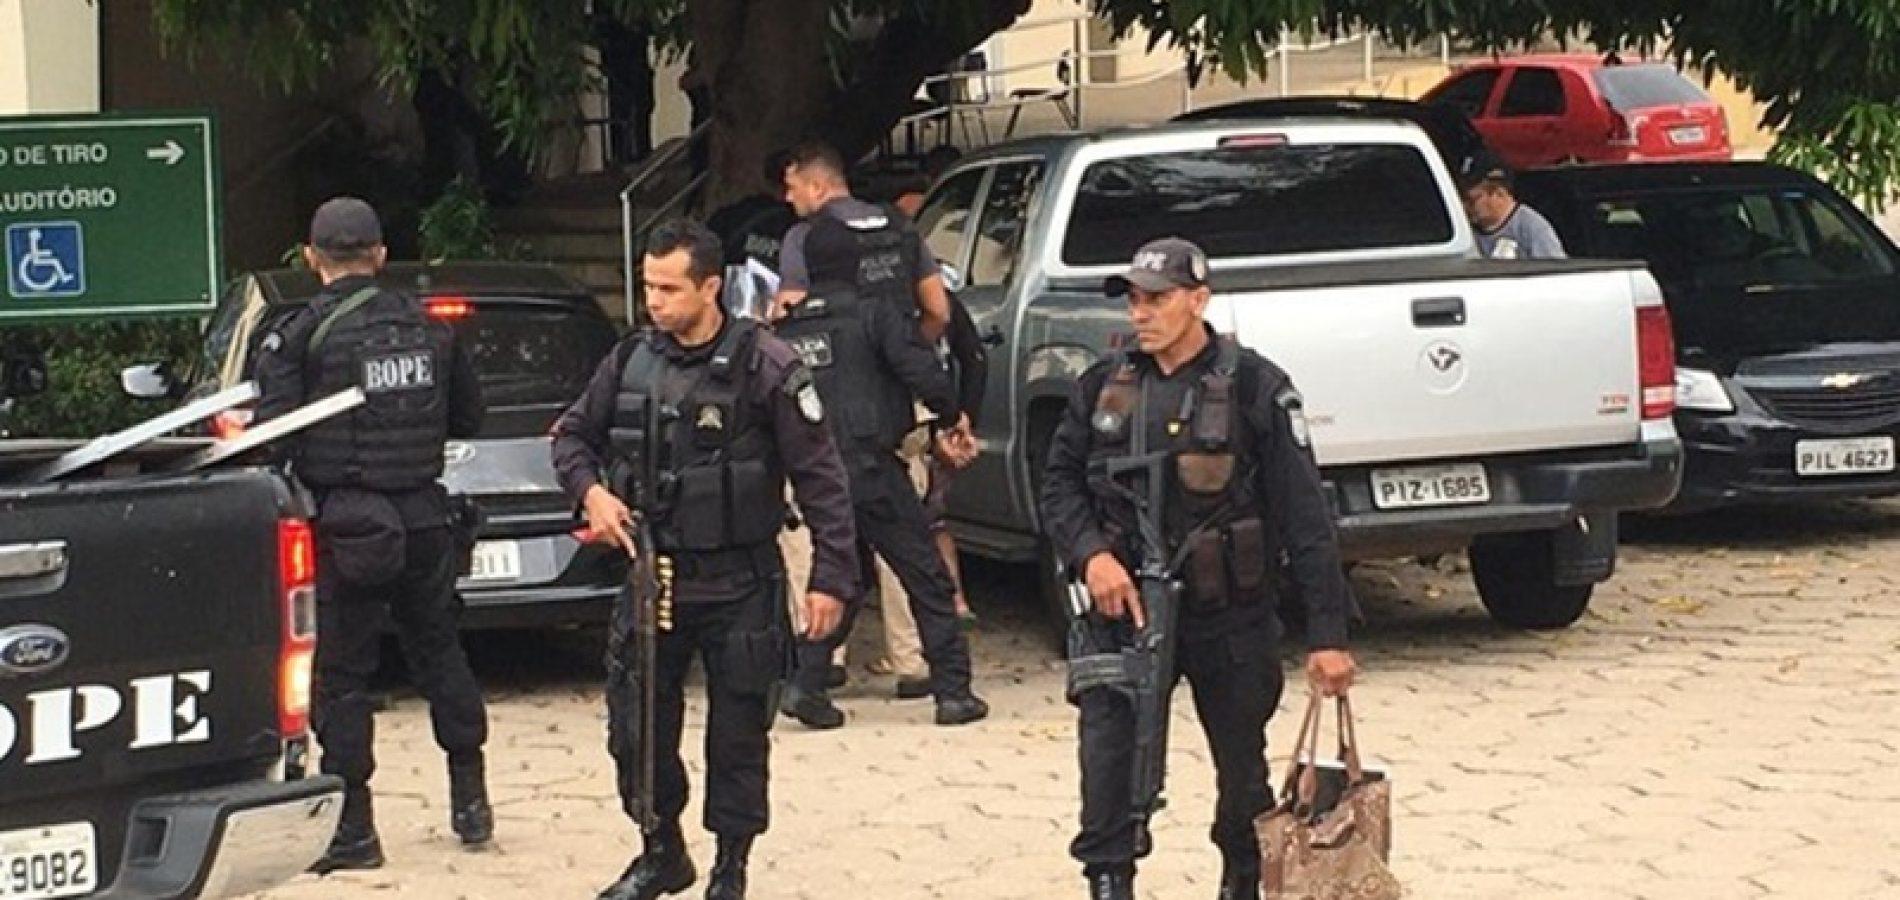 Operação Codinomes prende membros de facções criminosas no PI, MA e SP